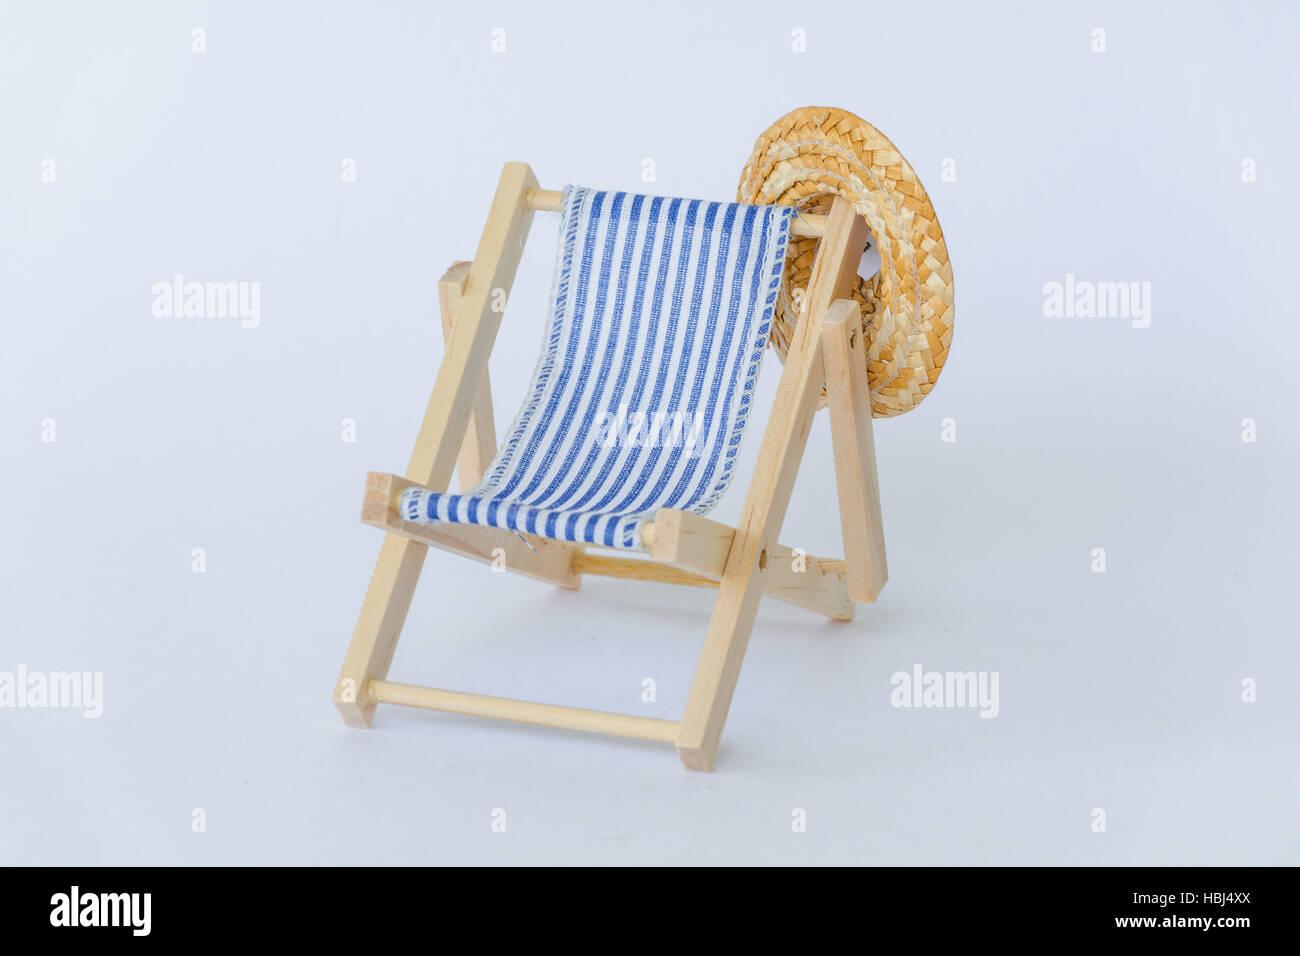 Blue White Striped Summer Deck Chair